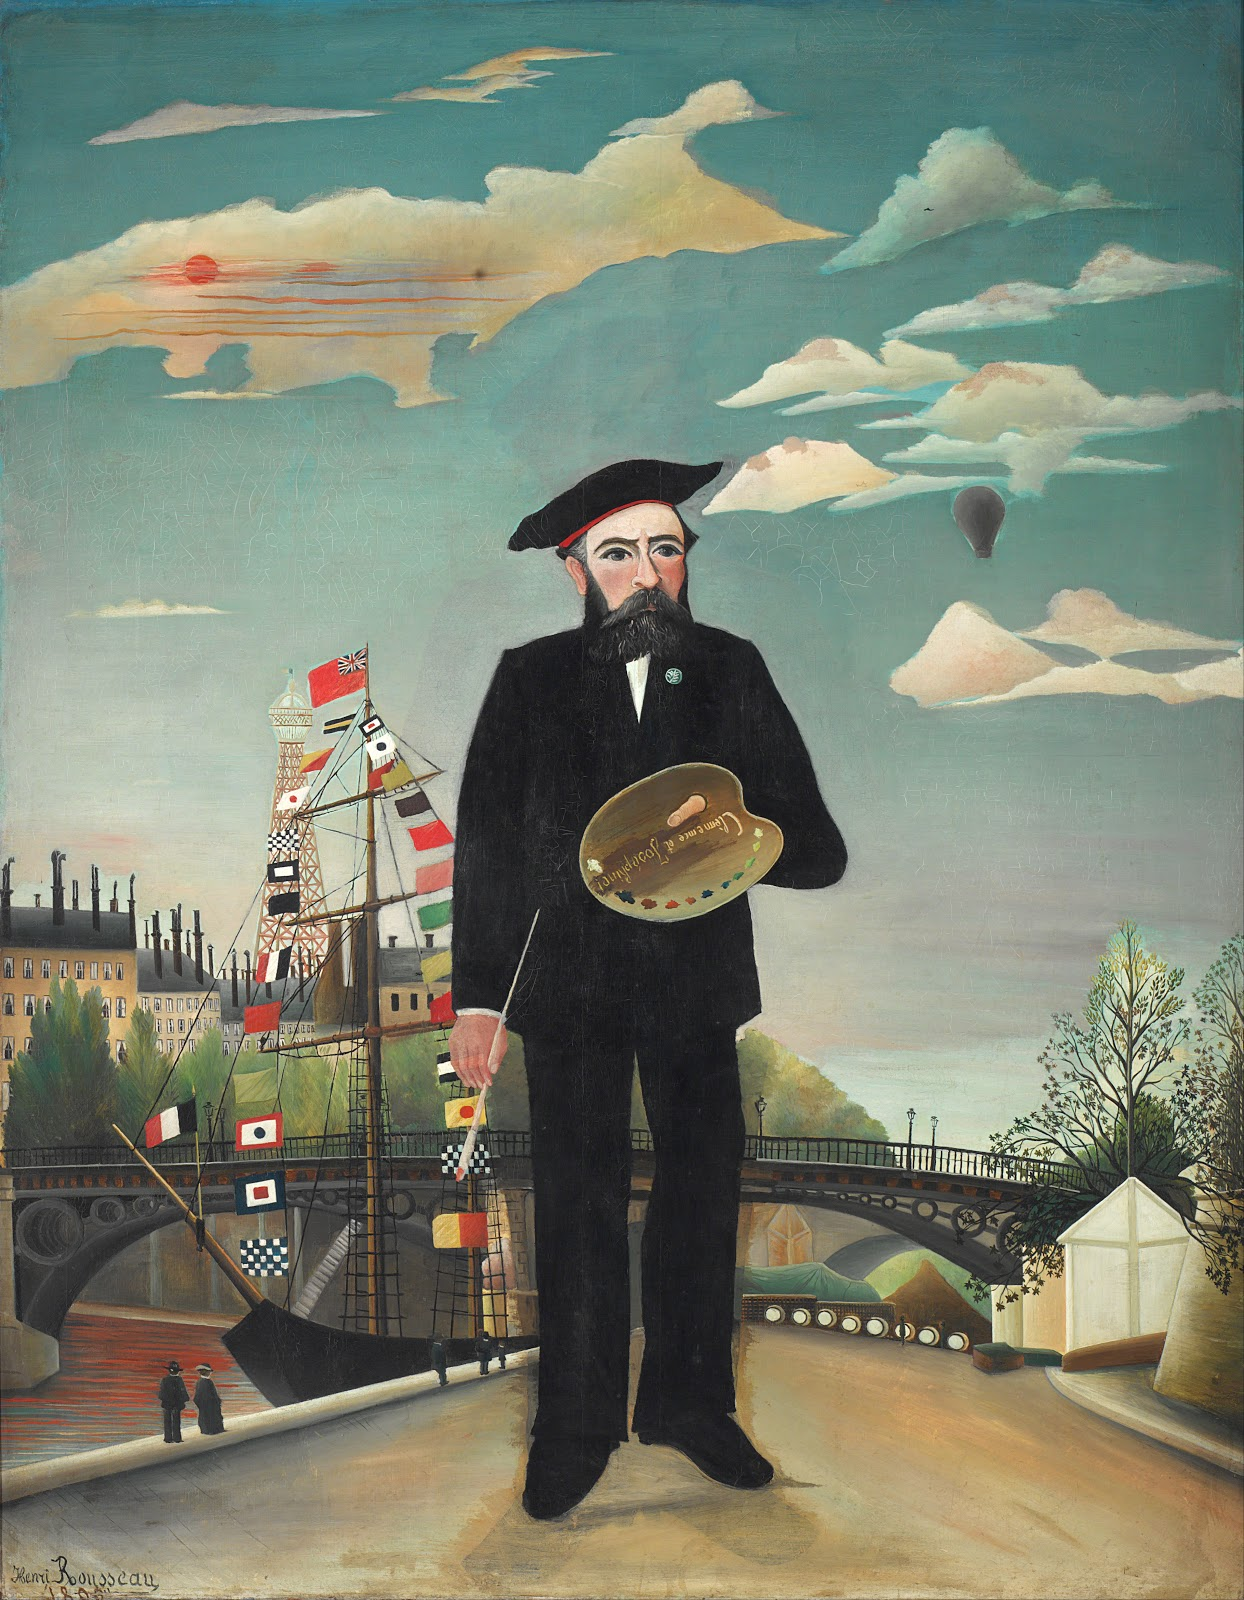 アンリ・ルソーの私自身:肖像=風景